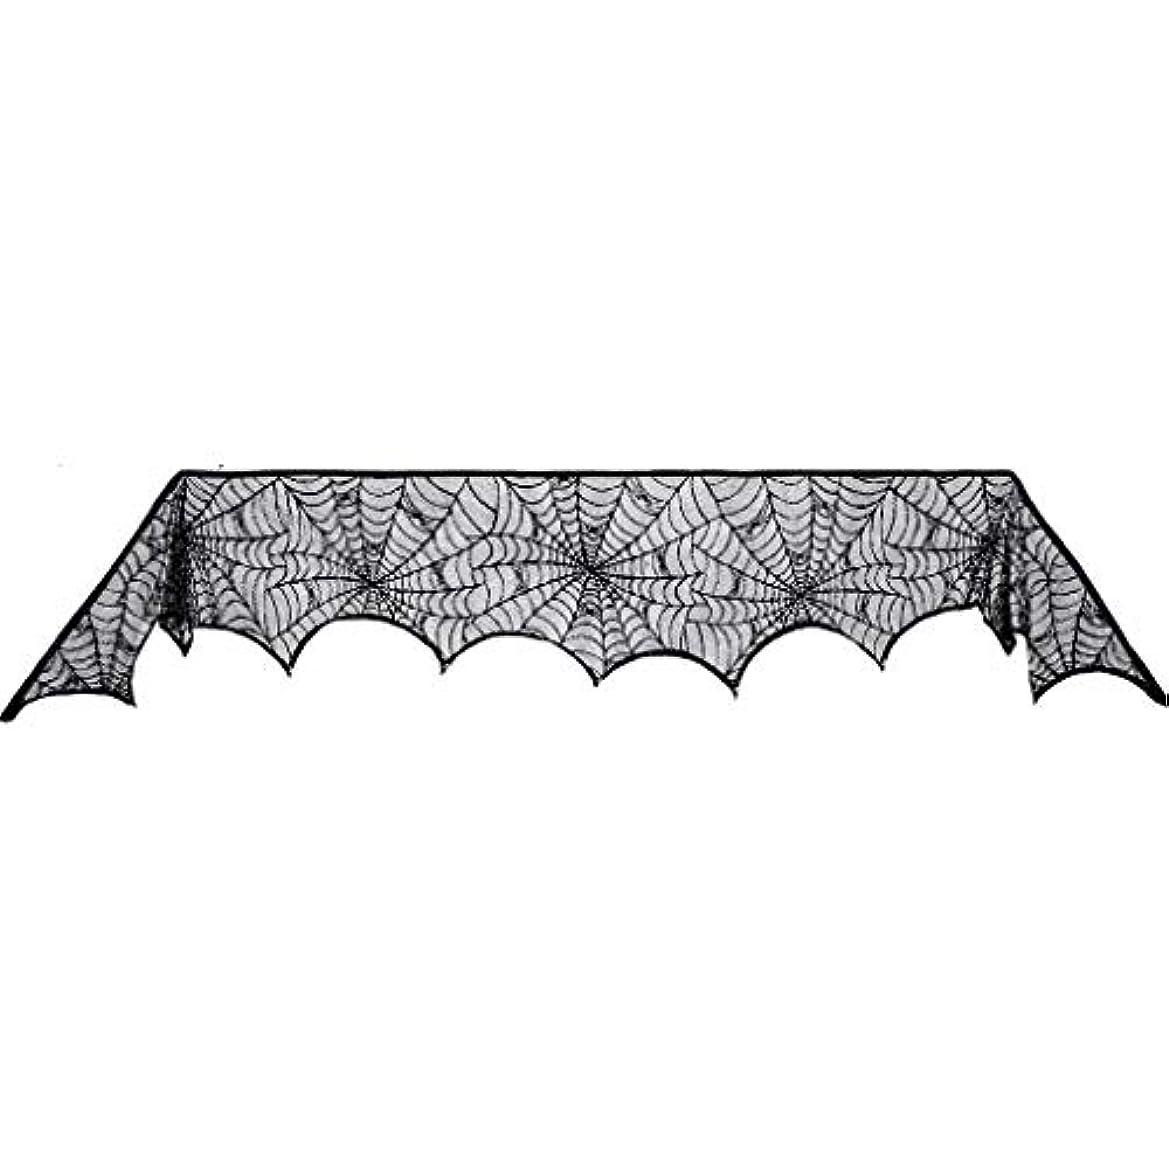 ストレスアトム静けさハロウィンの黒いレースのクモの巣の暖炉のマントルスカーフカバー、ハロウィンの小道具の装飾